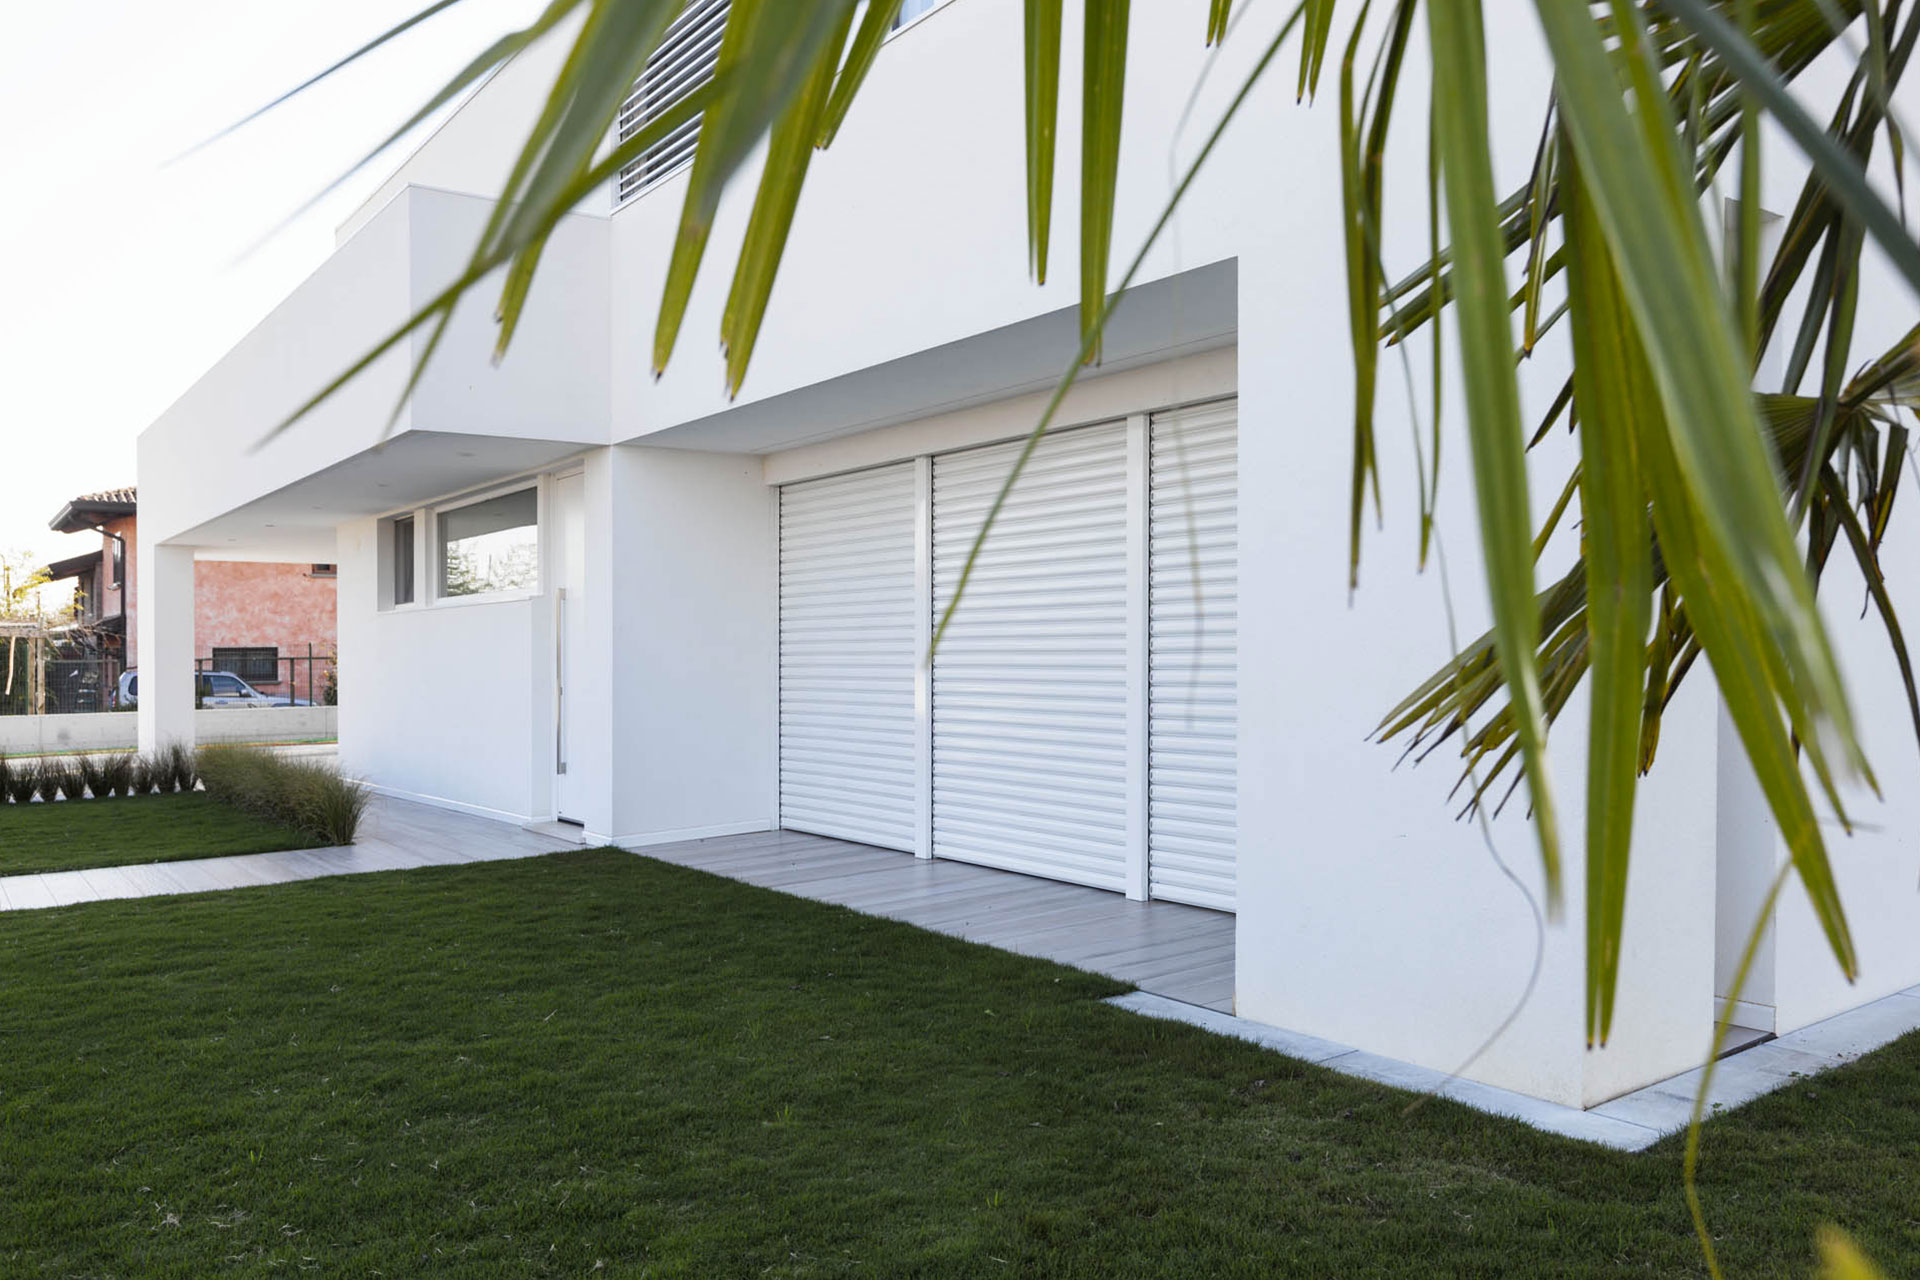 installazione serramenti oscuranti lamelle friuli casa privata